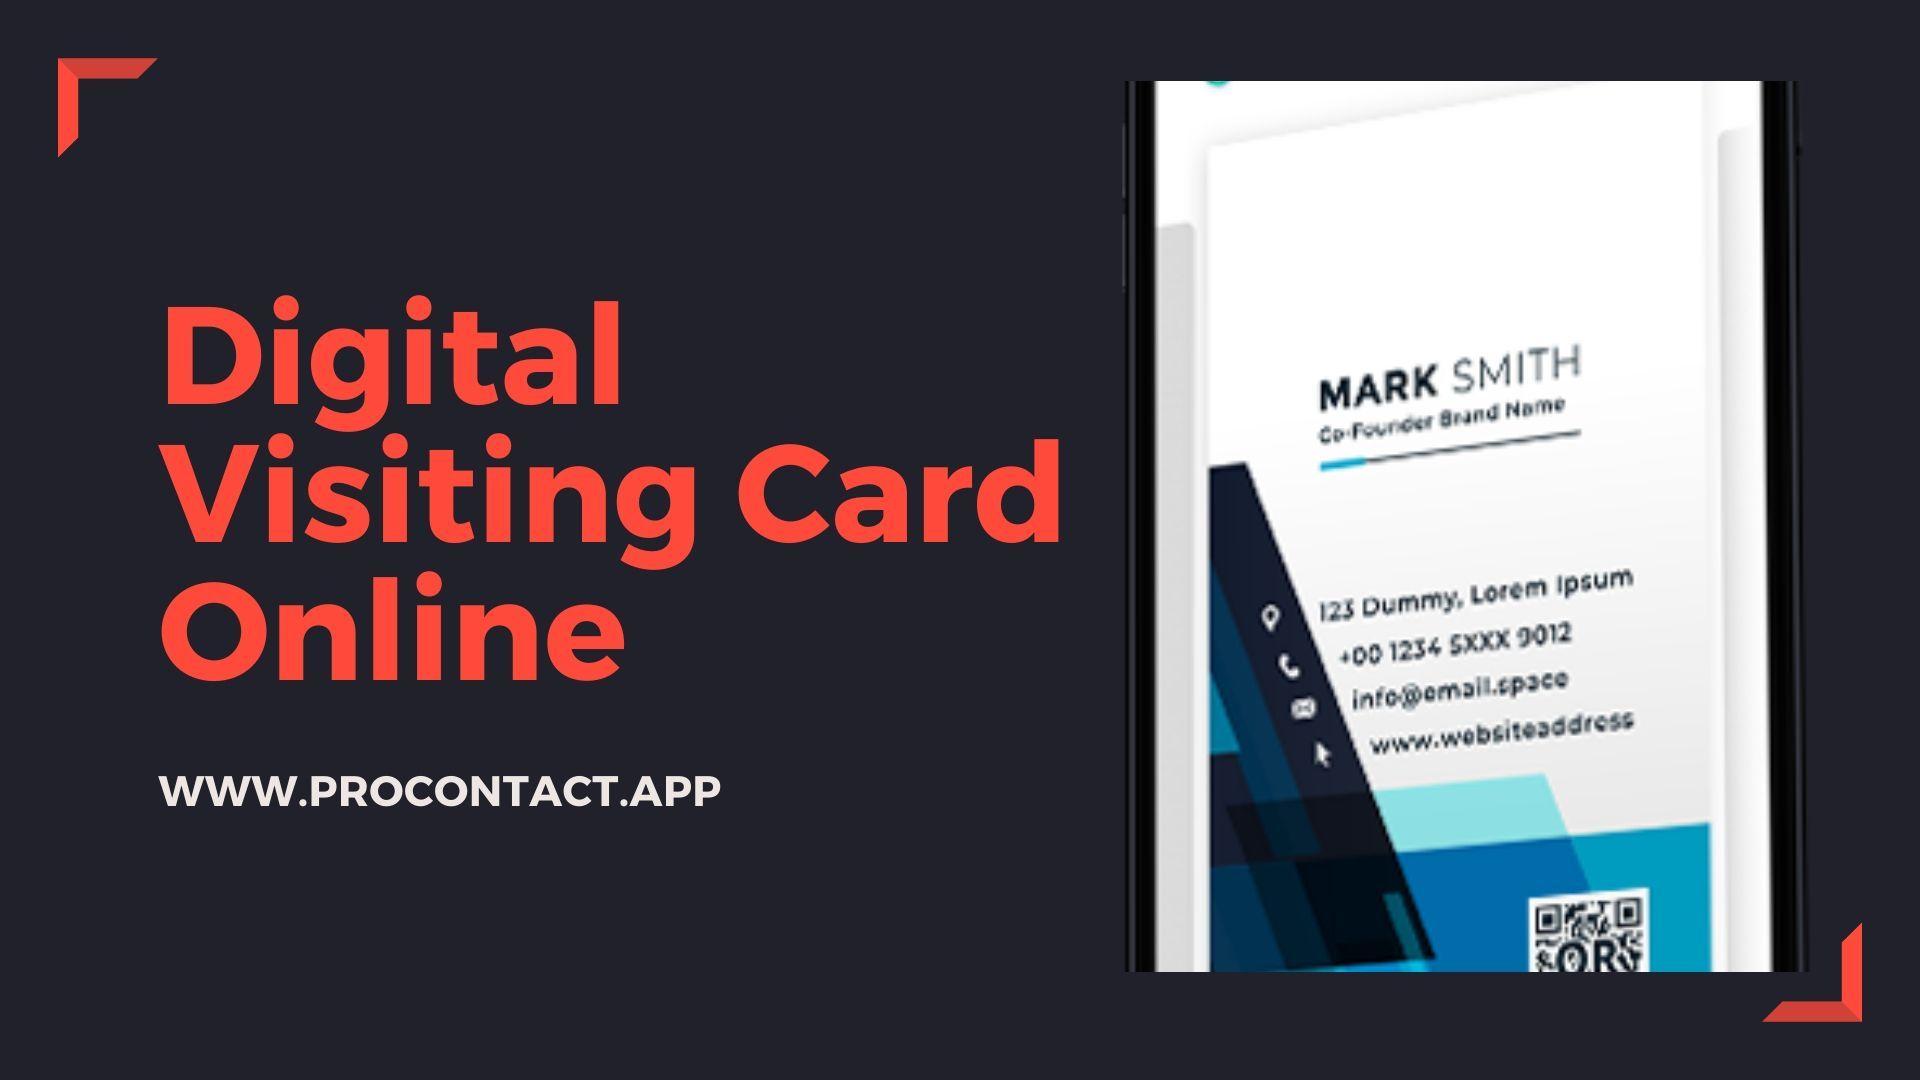 Design Your Digital Visiting Card Online Business Card App Visiting Cards Digital Business Card